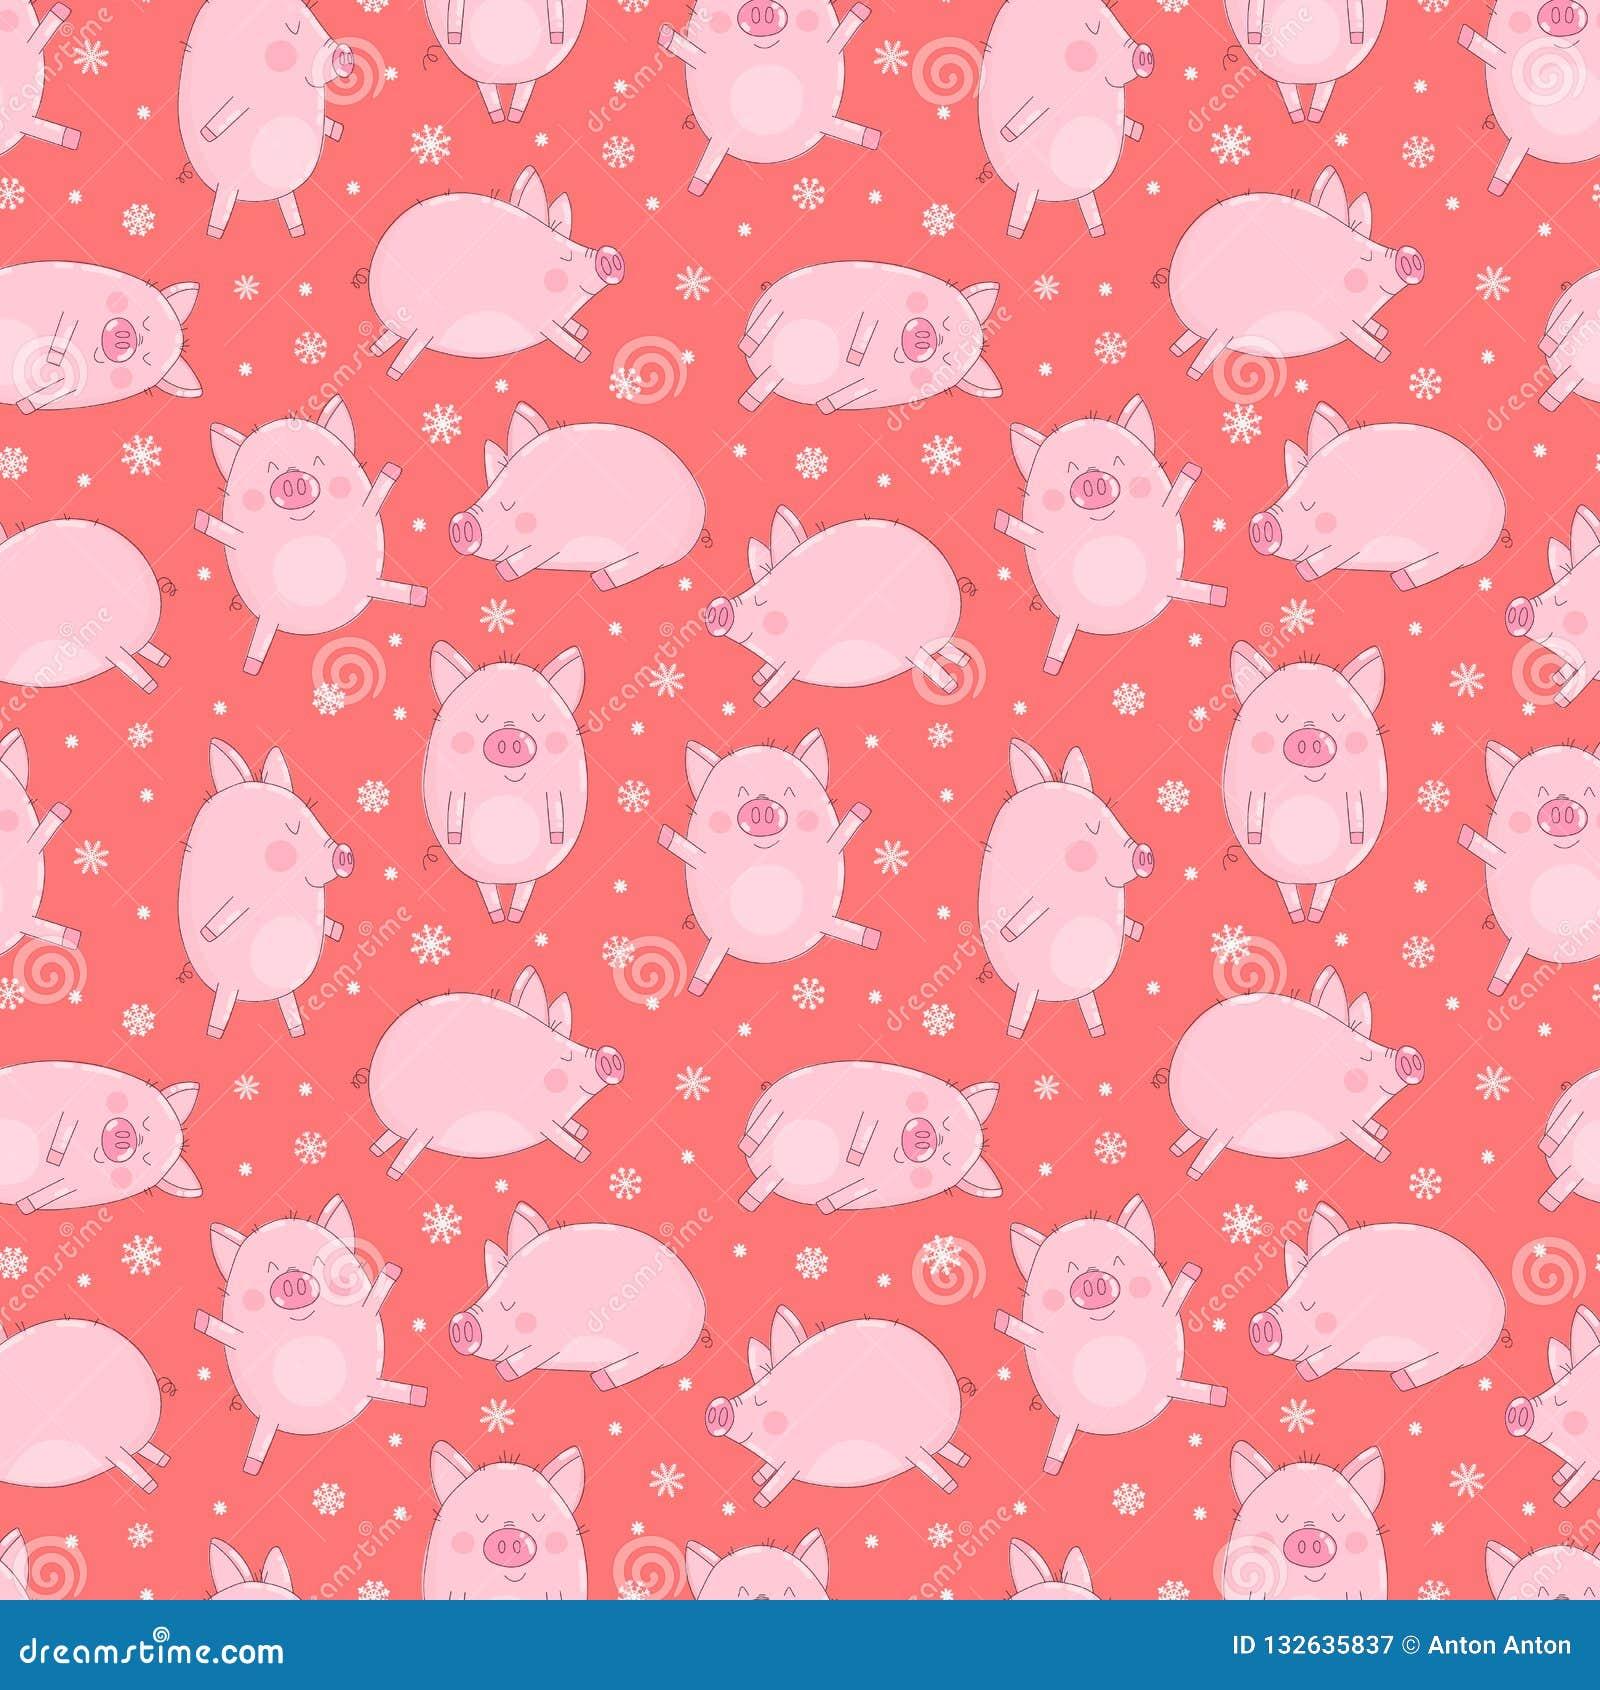 Naadloos patroon van hand-drawn varkens en sneeuwvlokken op een geïsoleerde rode achtergrond Vectorillustratie van biggetjes voor